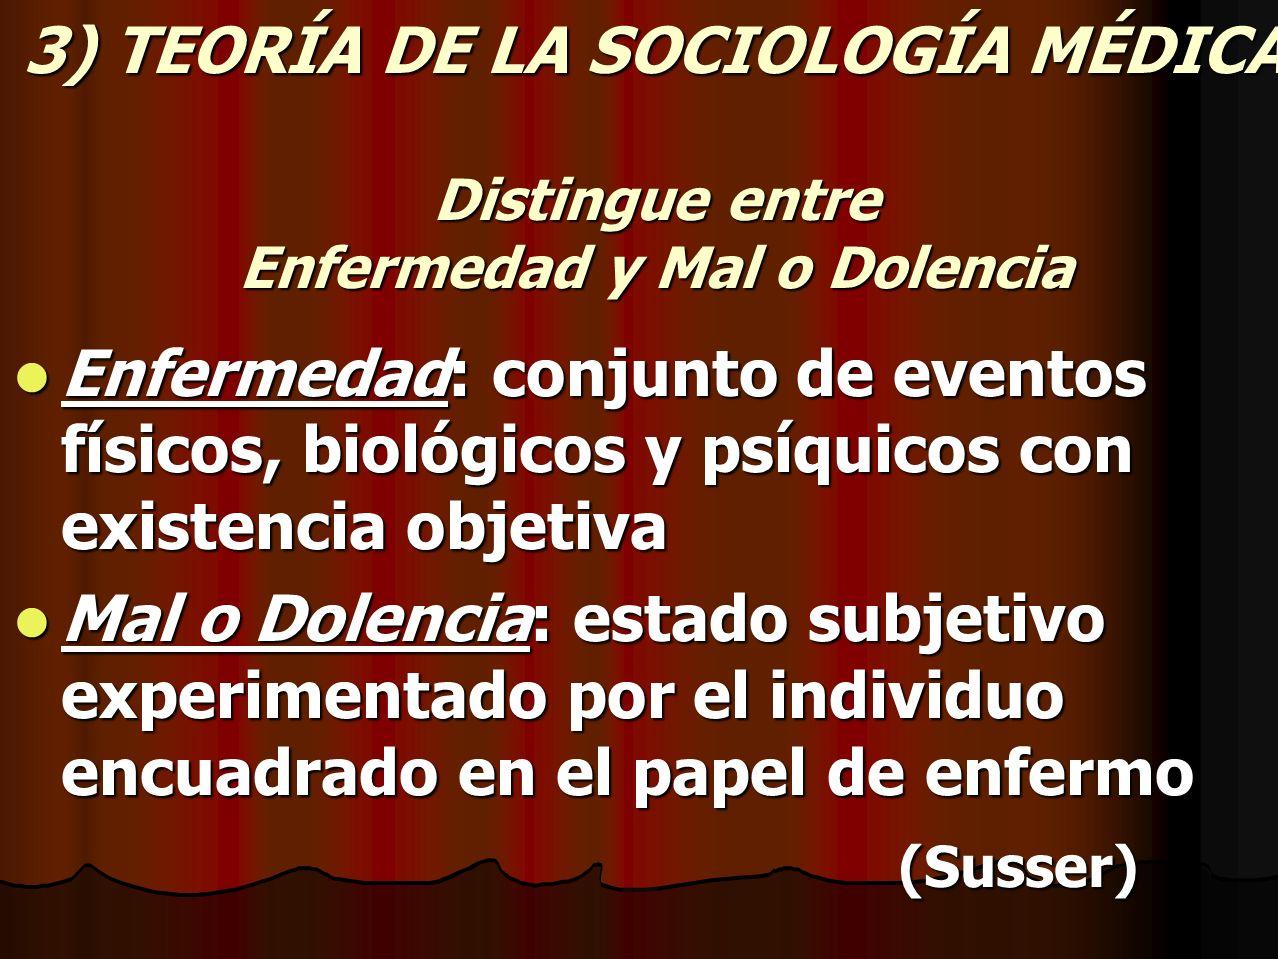 3) TEORÍA DE LA SOCIOLOGÍA MÉDICA Distingue entre Enfermedad y Mal o Dolencia Enfermedad: conjunto de eventos físicos, biológicos y psíquicos con exis